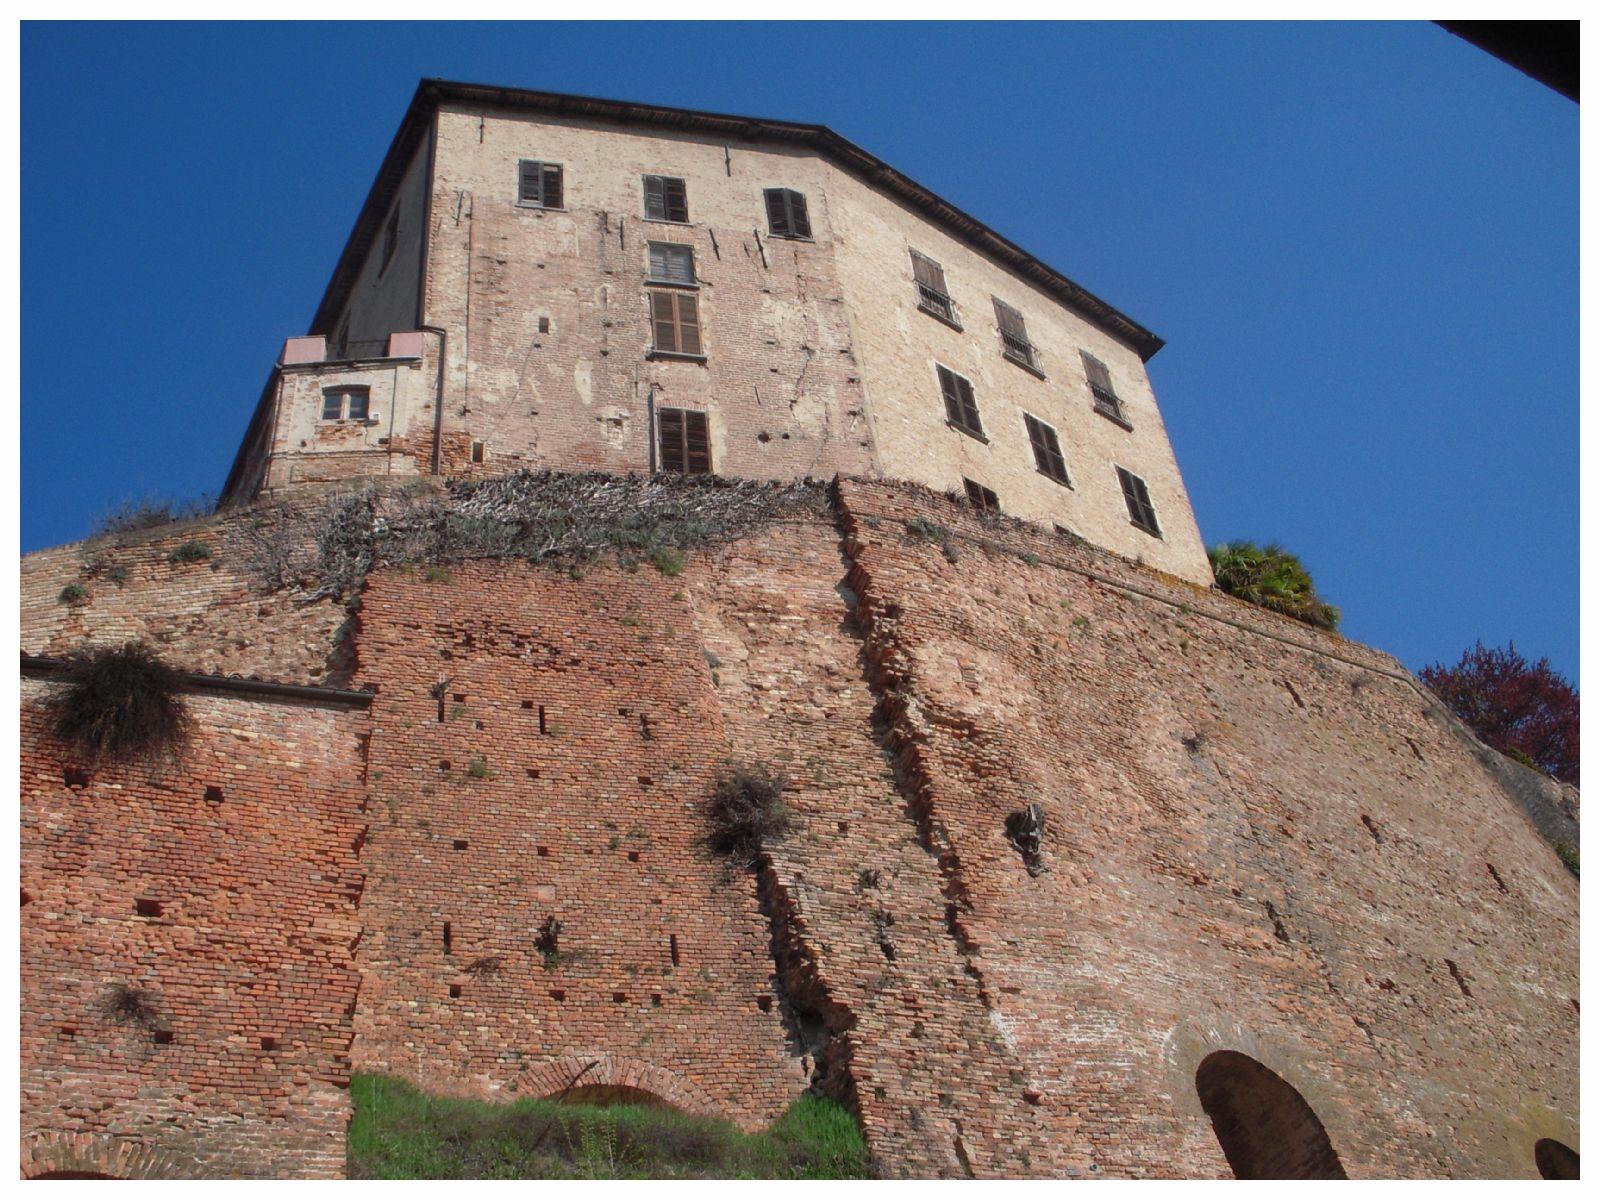 castellinaldo comune langhe e roero piemonte turismo in langa tour delle langhe vini piemonte cucina piemontese visitare le langhe castello.jpeg